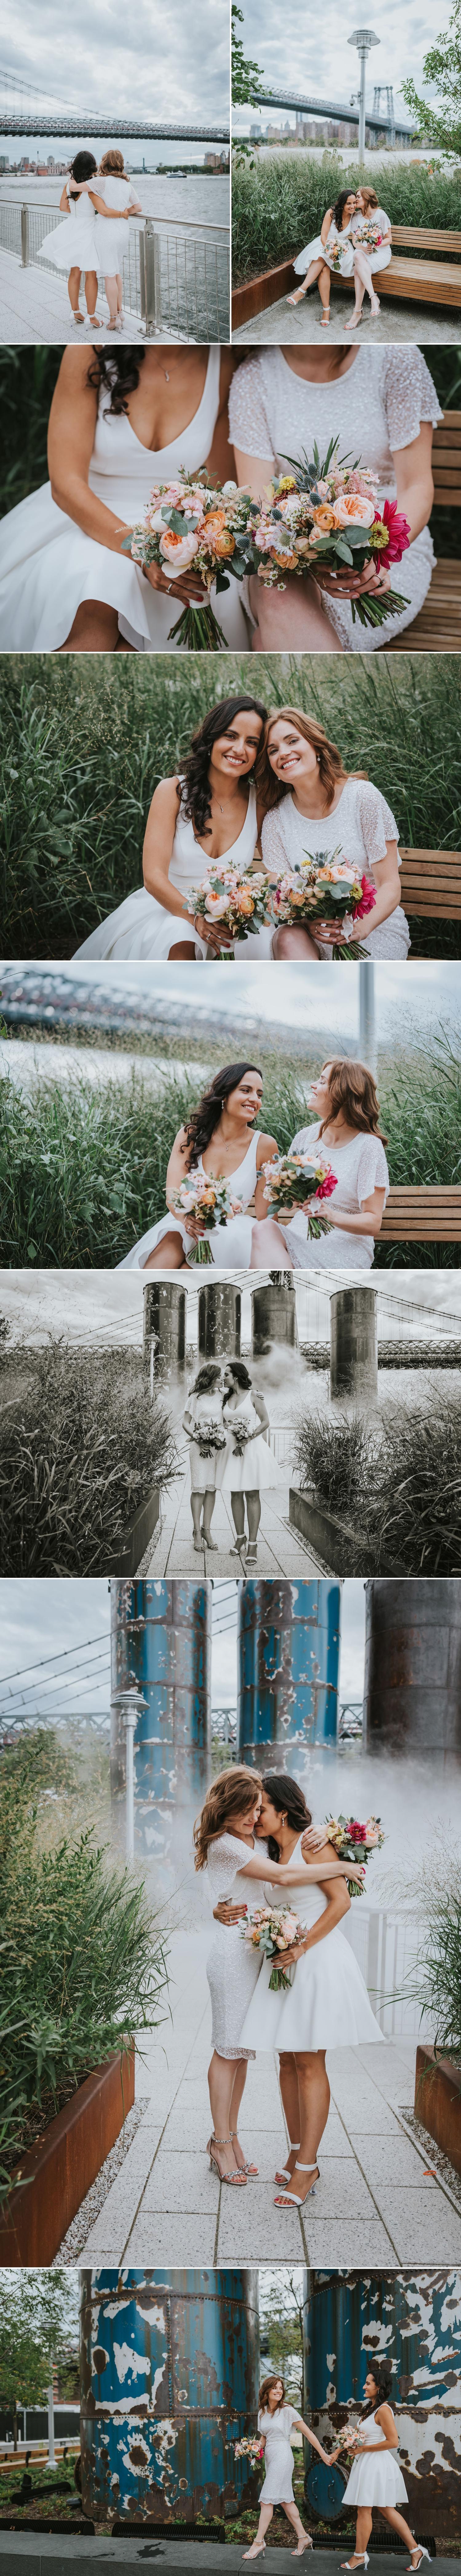 Ana & Christie Brooklyn Winery North Brooklyn Farms Wedding (3).jpg